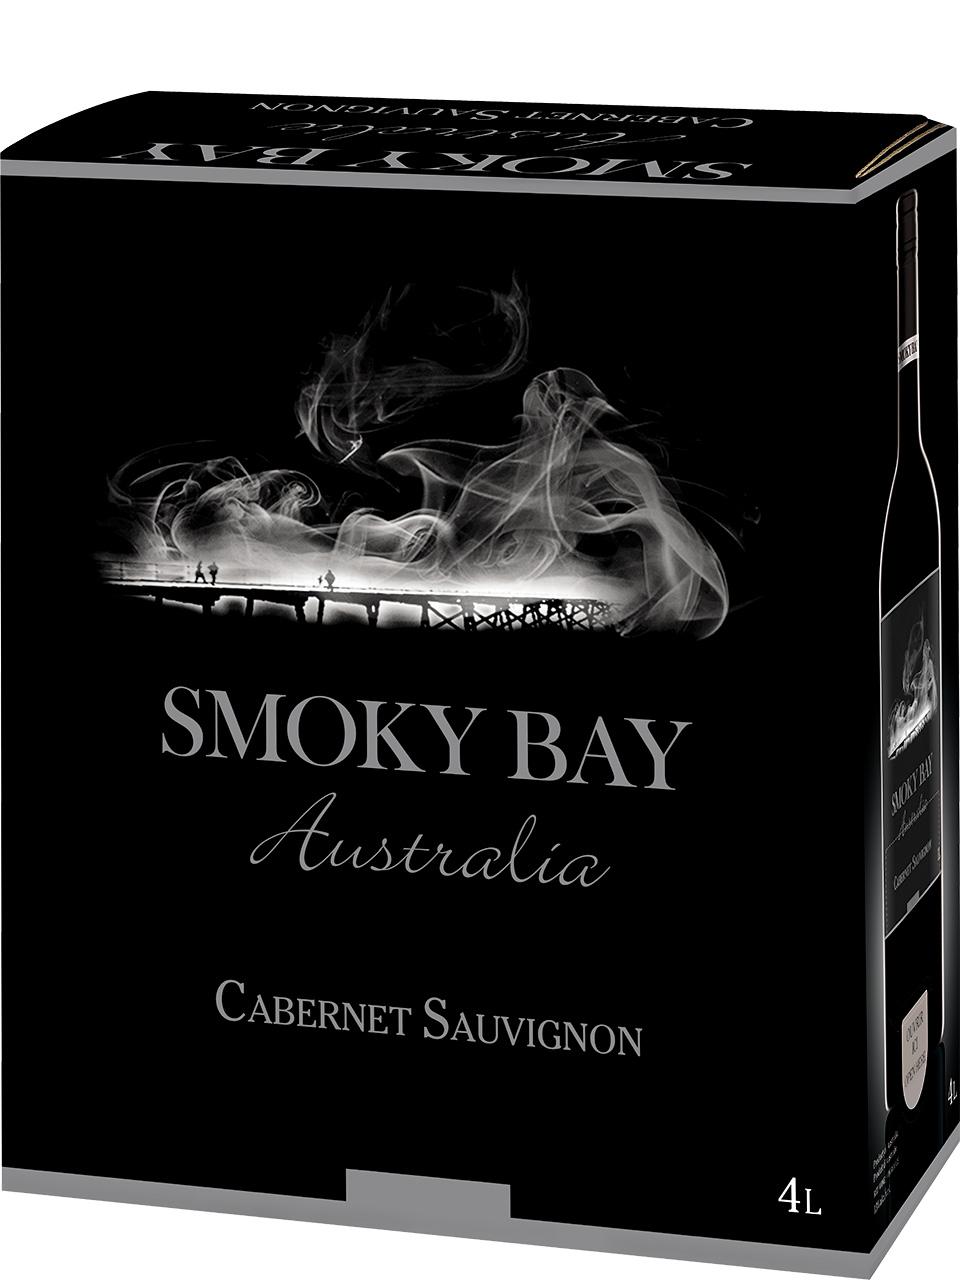 Smoky Bay Cabernet Sauvignon